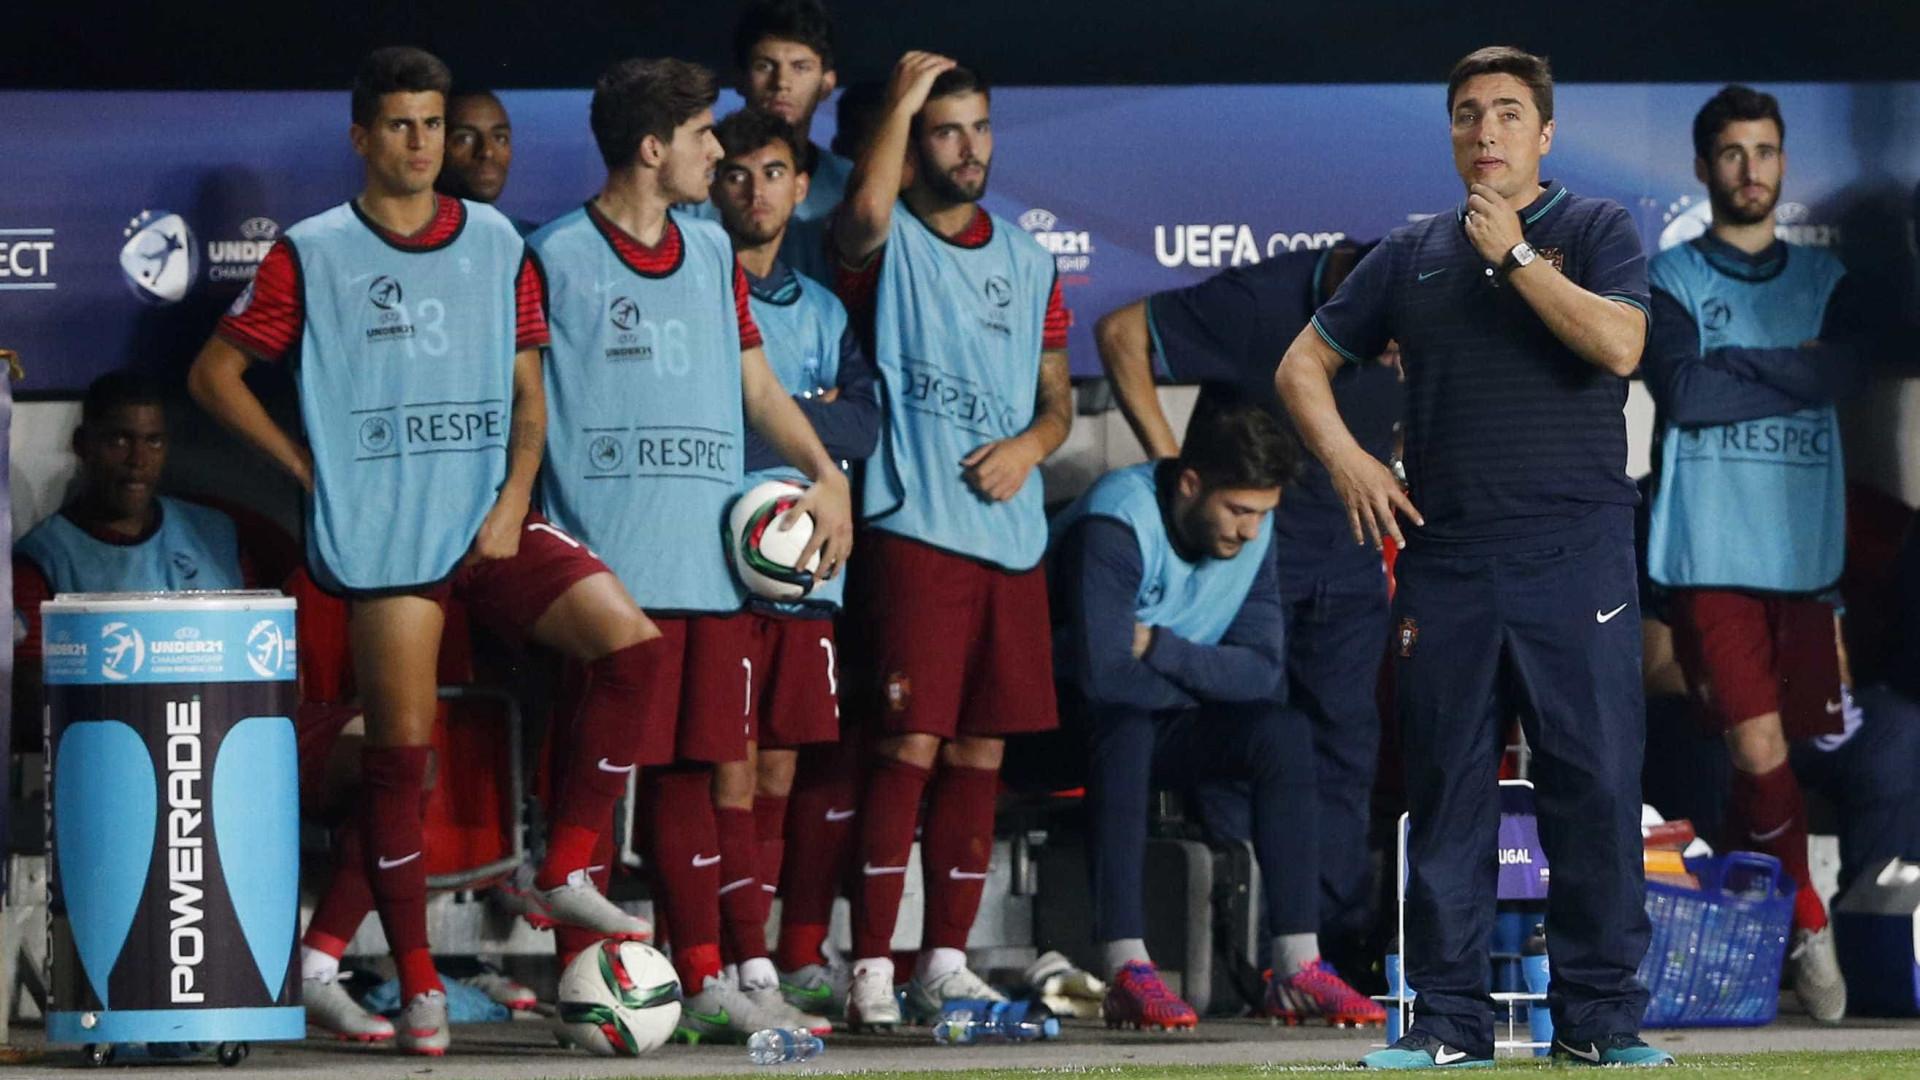 Seleção sub-21 já conhece os adversários no Europeu